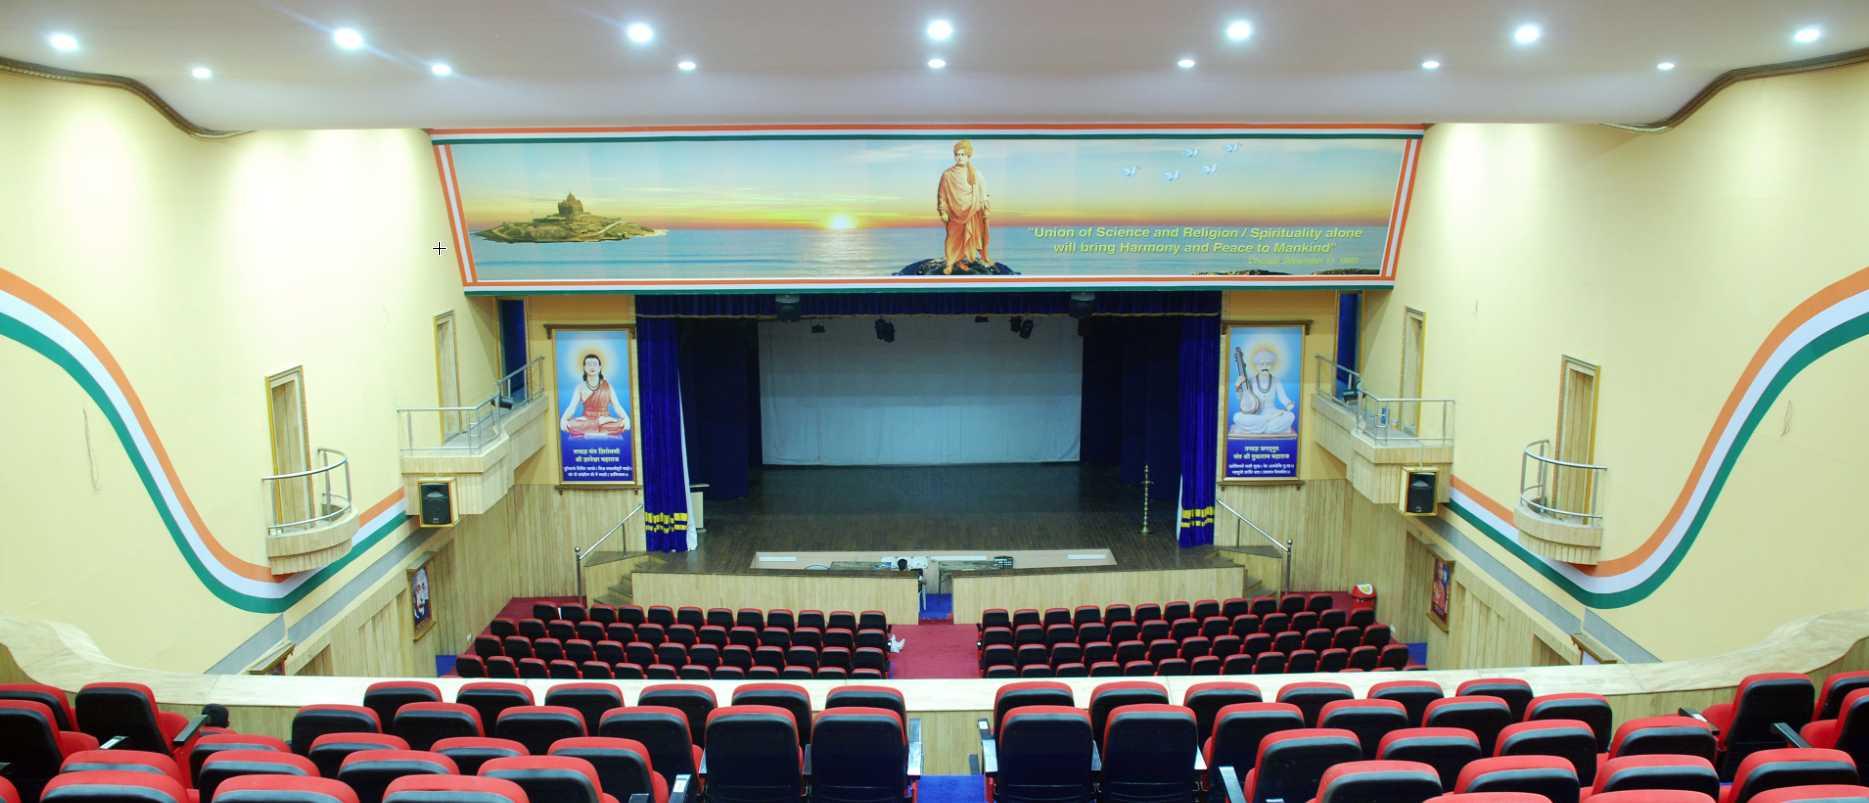 Maharashtra Institute of Technology | MIT | Pune ...